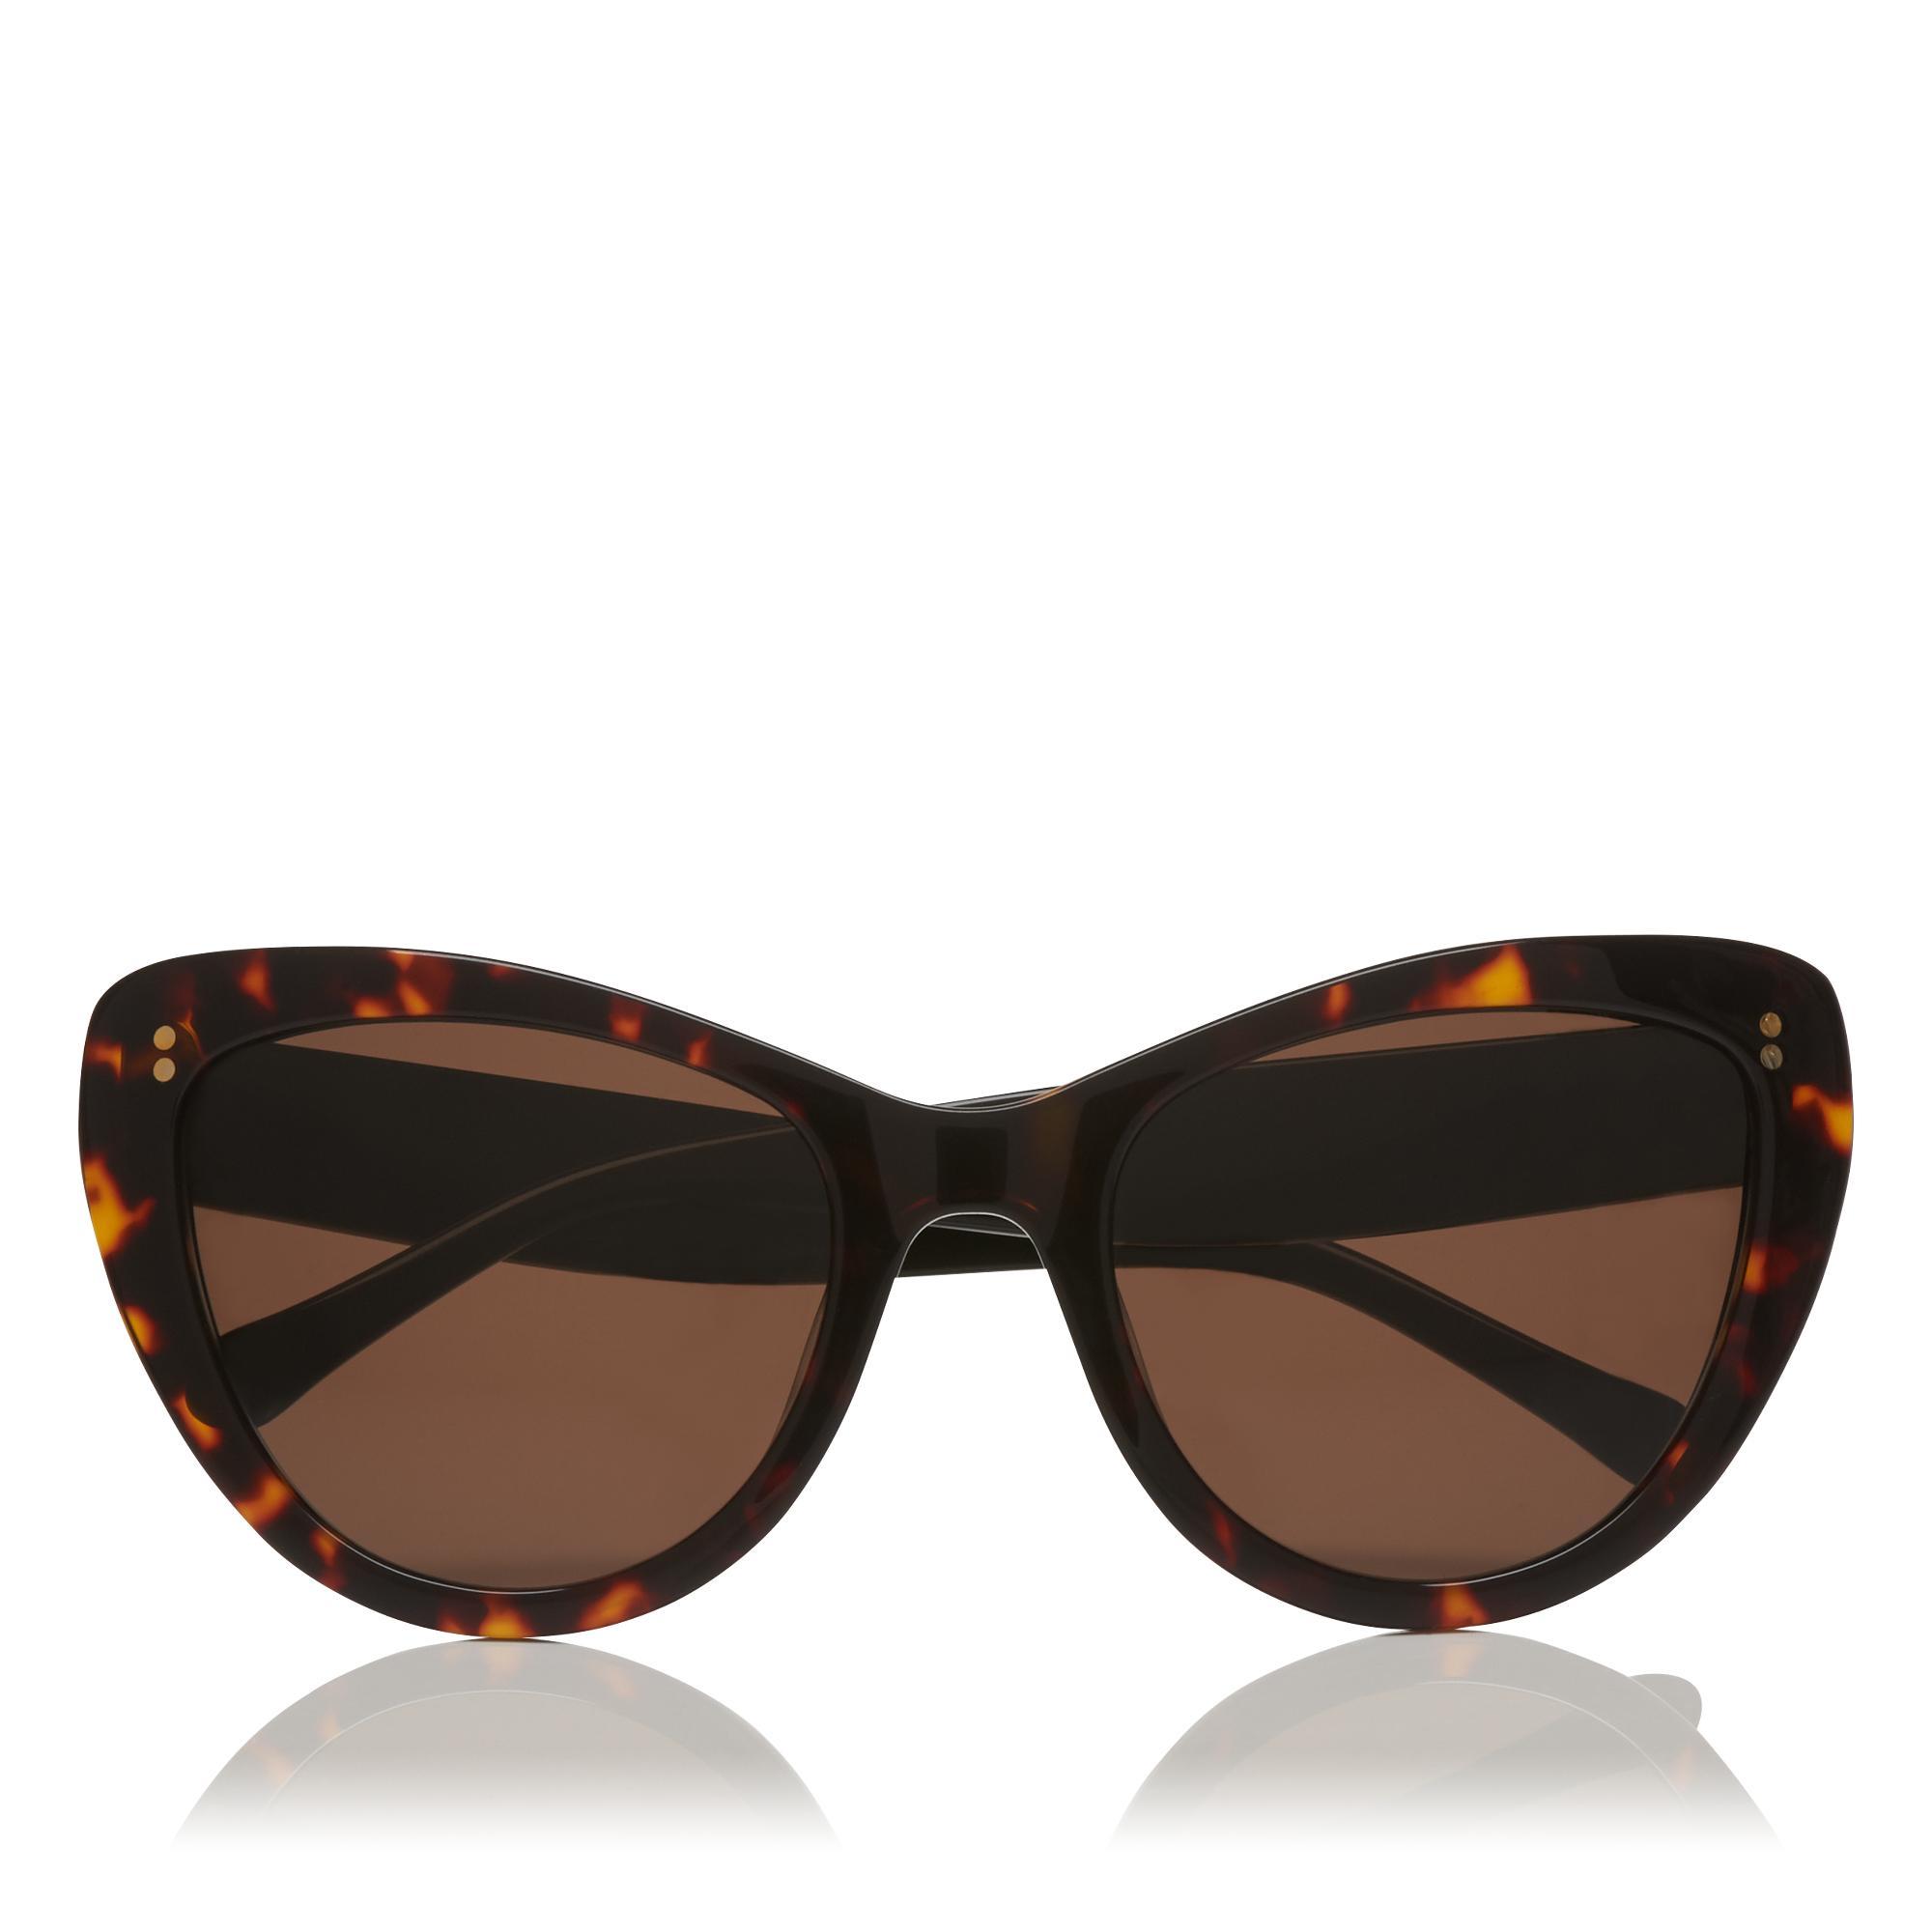 Alex Natural Tortoiseshell Sunglasses